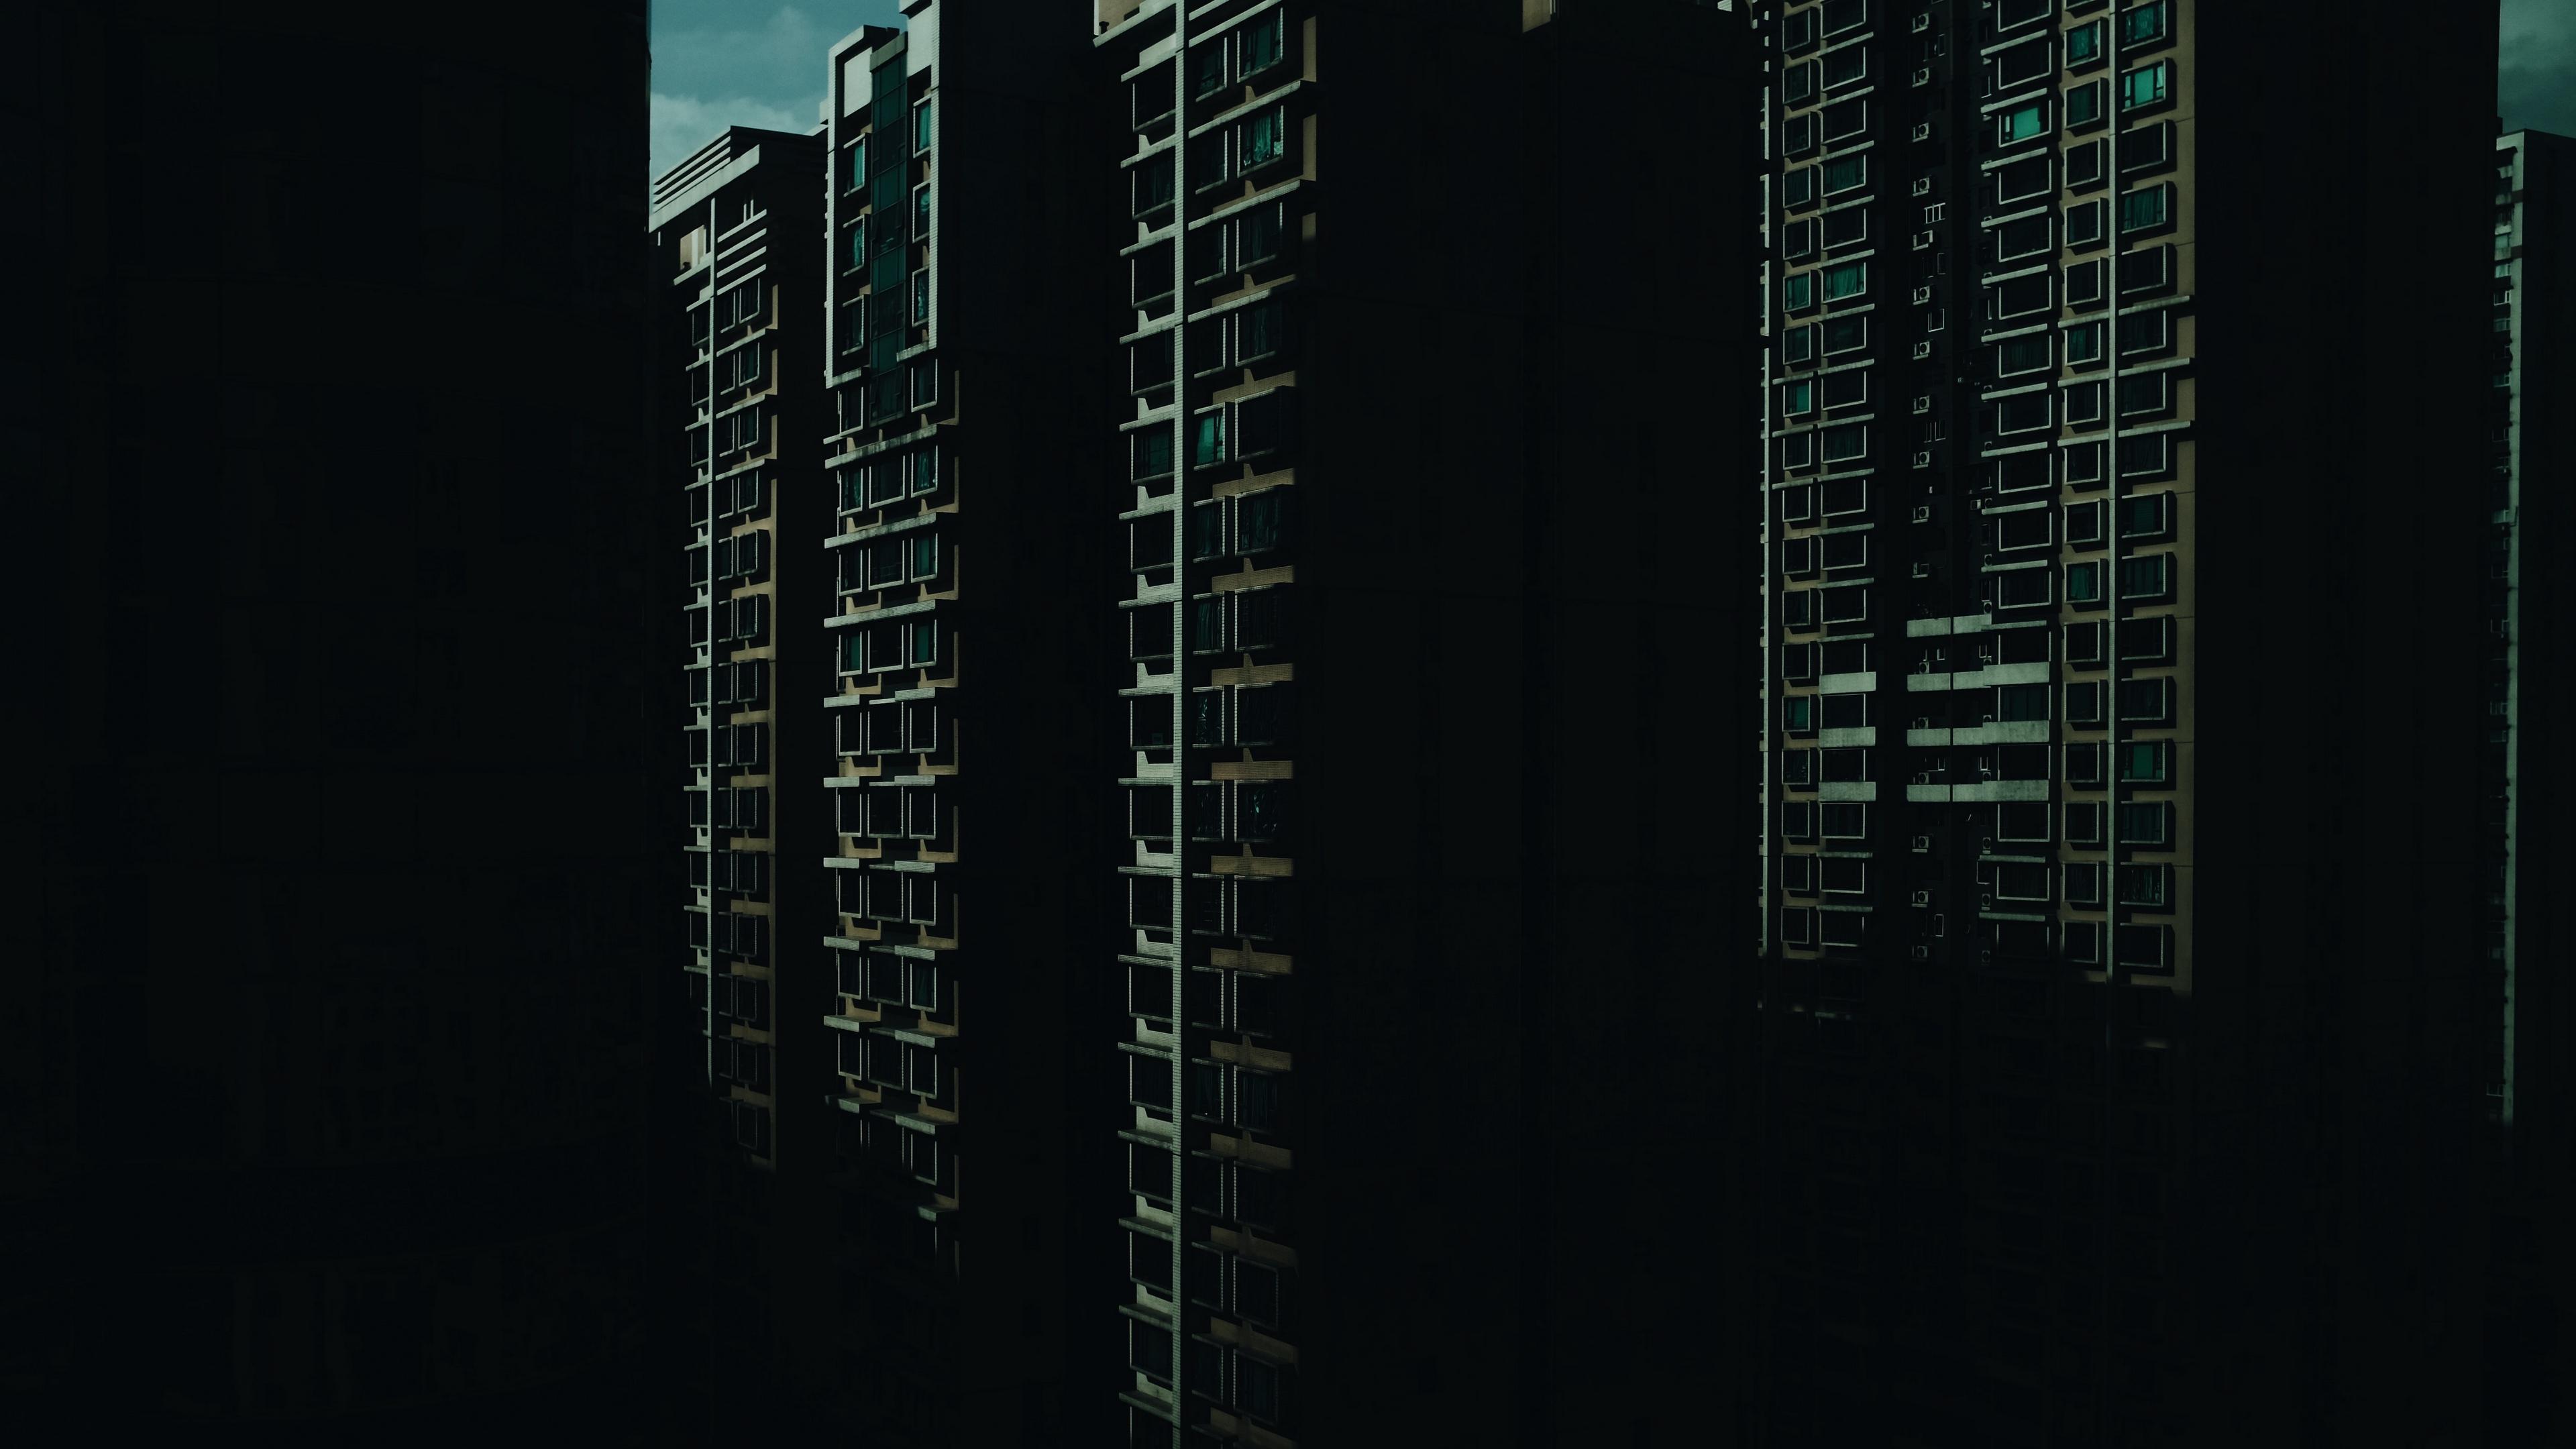 building facade skyscraper 4k 1538065319 - building, facade, skyscraper 4k - Skyscraper, facade, Building